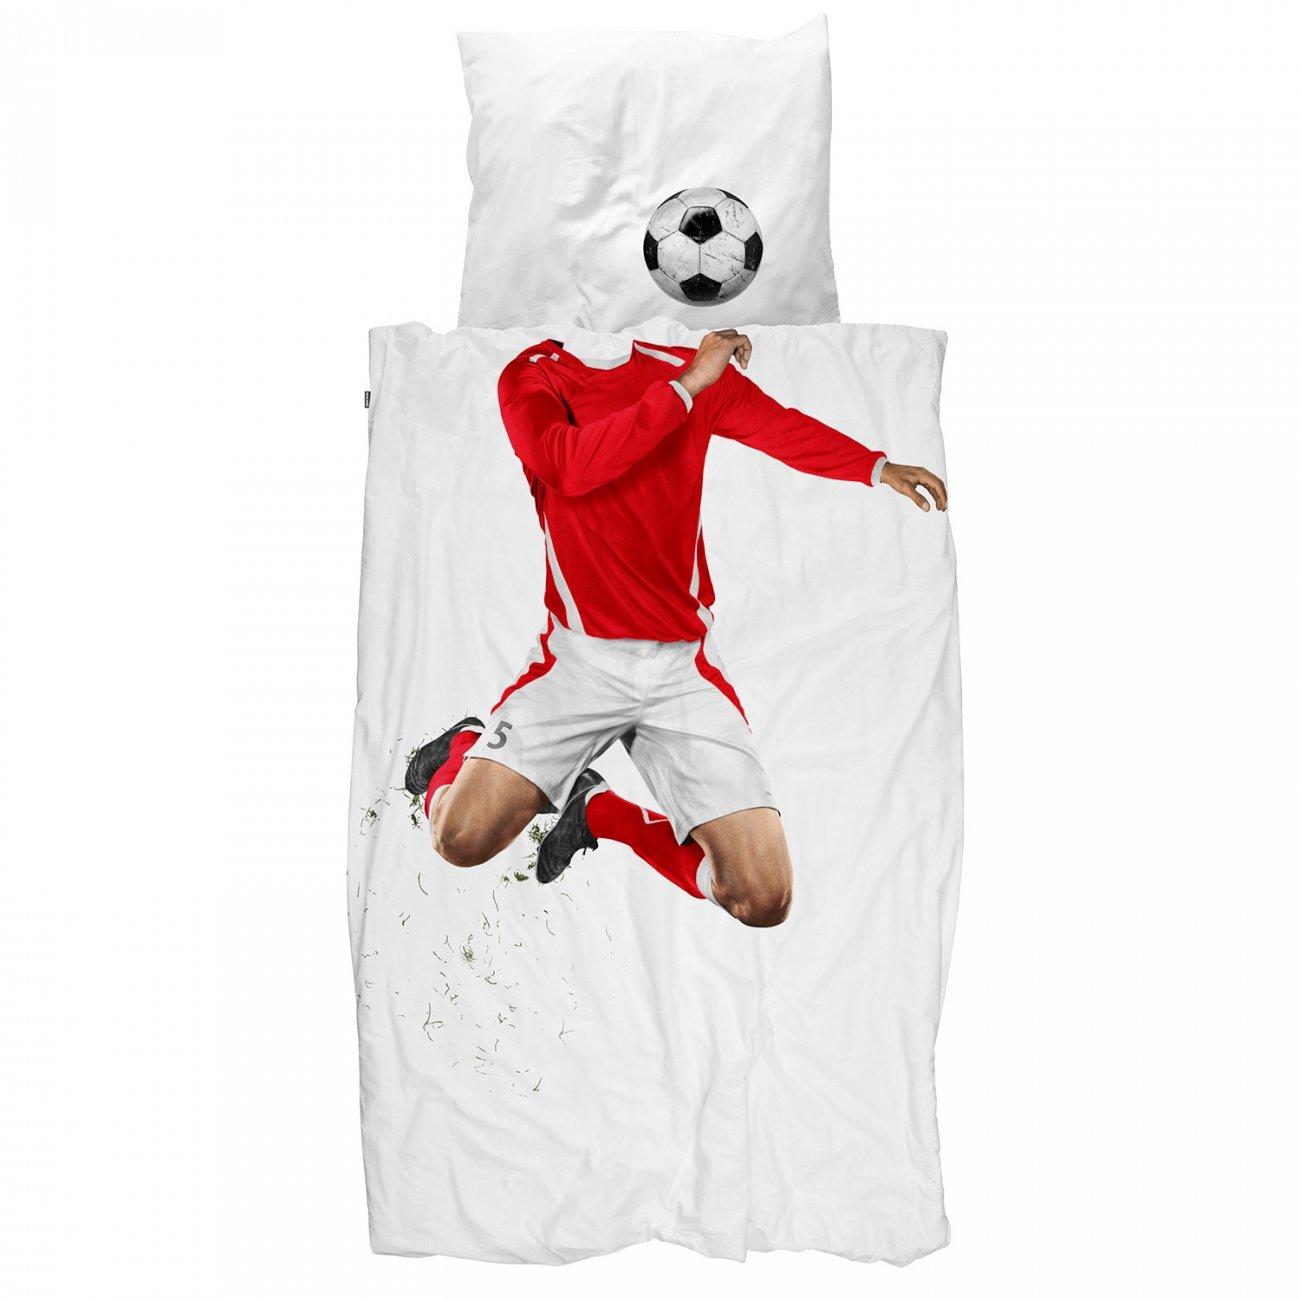 Snurk dekbed overtrekset Soccer Champ rood